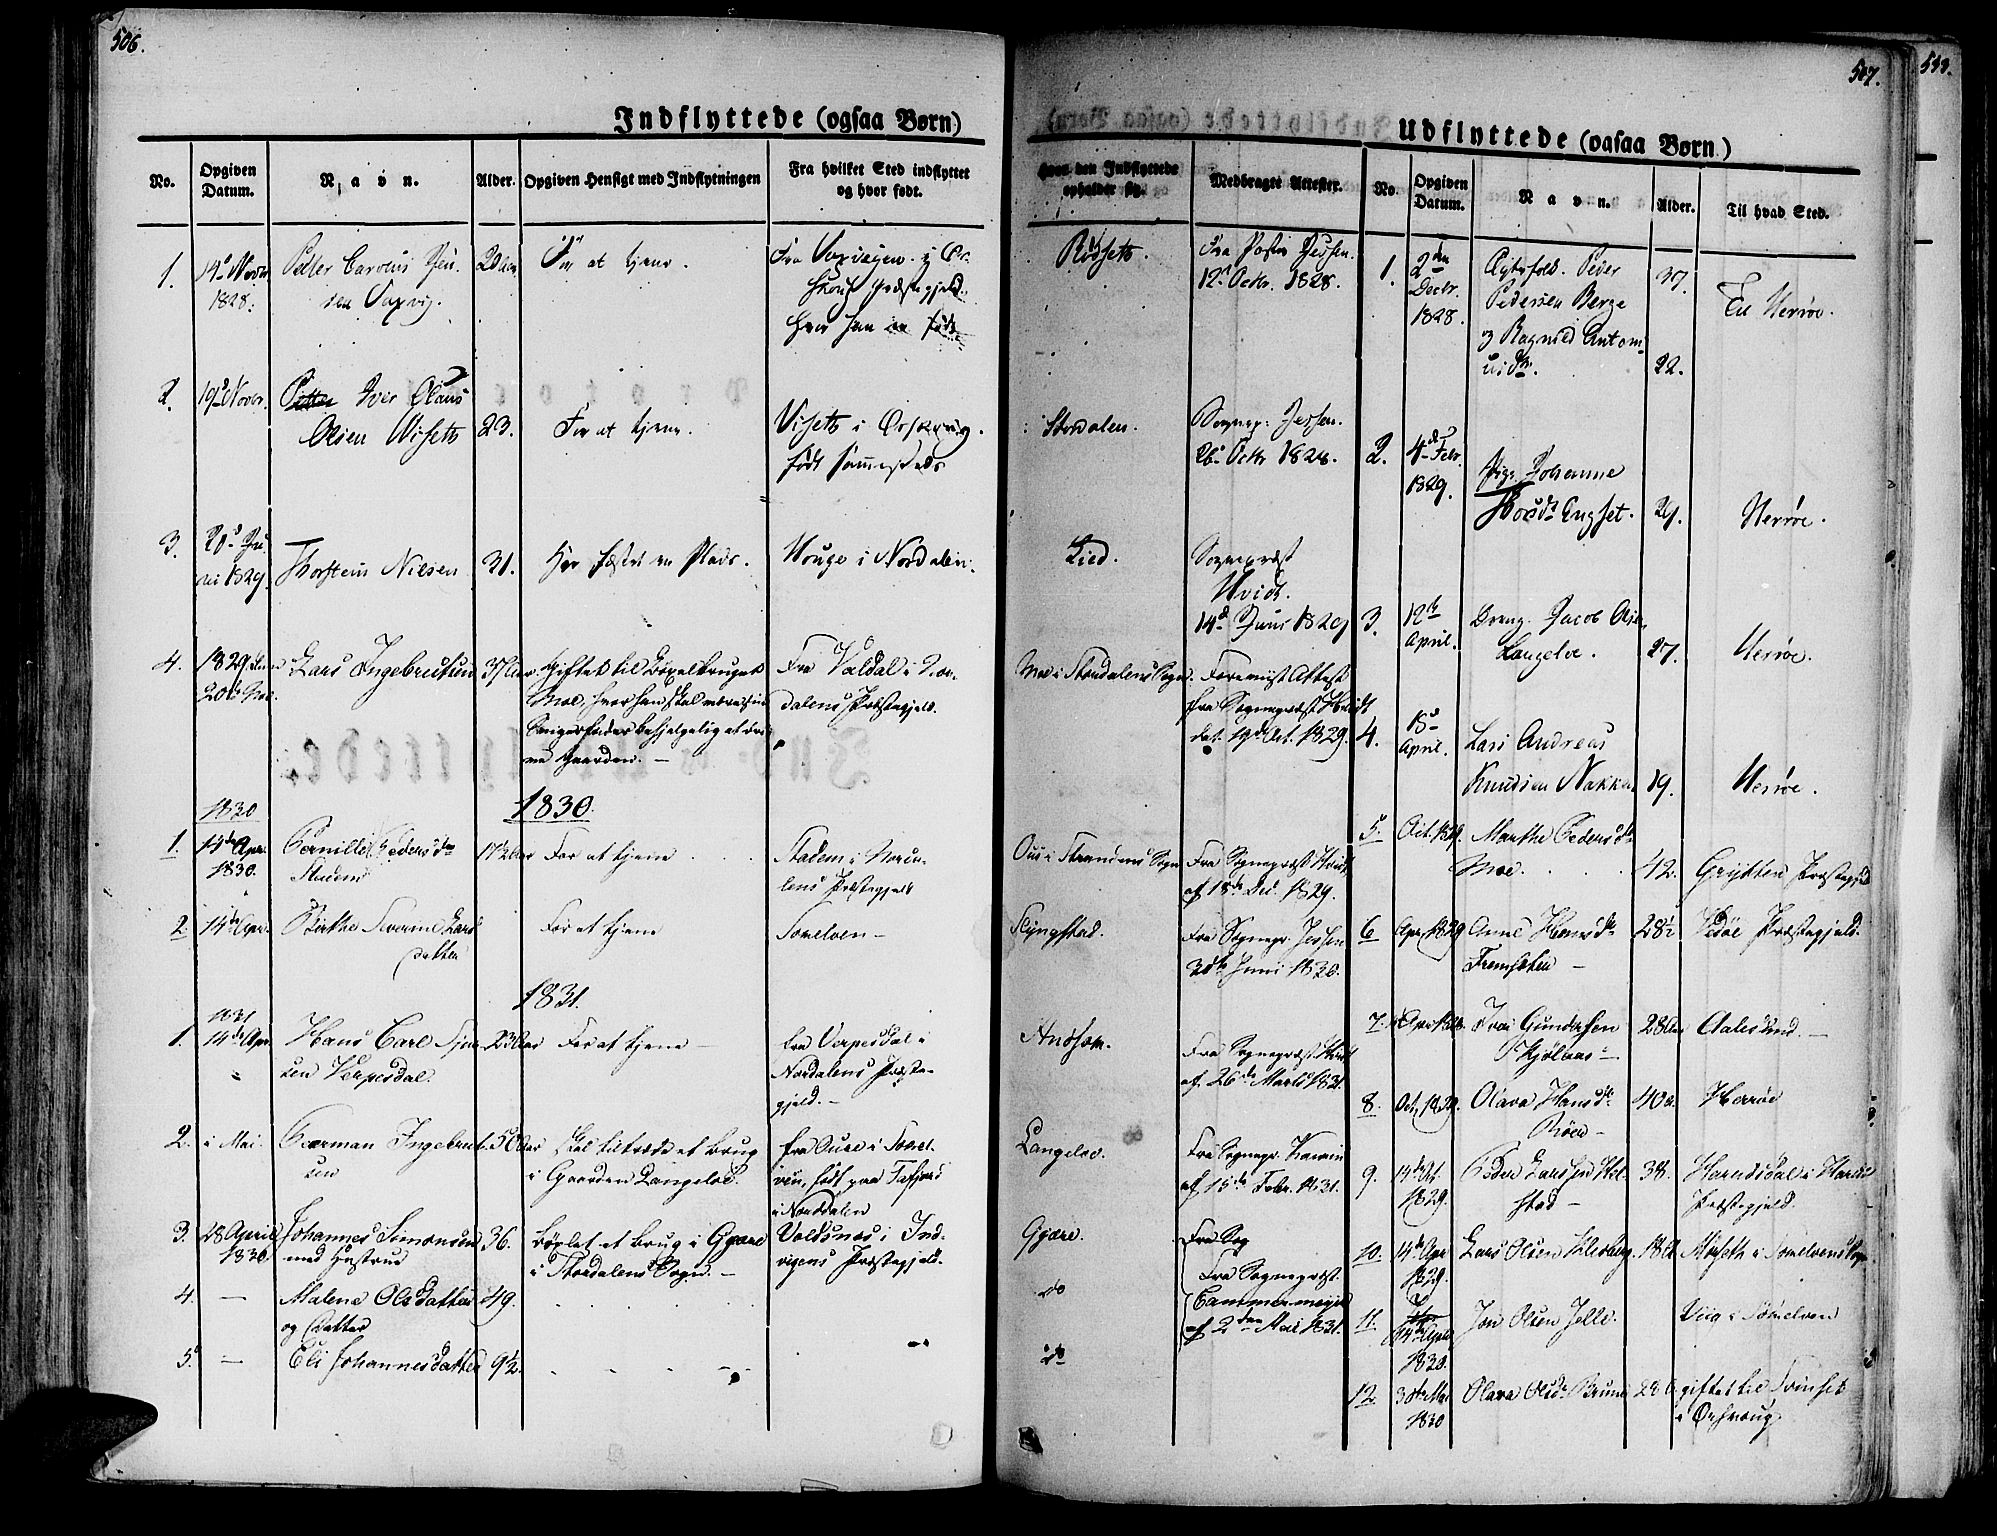 SAT, Ministerialprotokoller, klokkerbøker og fødselsregistre - Møre og Romsdal, 520/L0274: Ministerialbok nr. 520A04, 1827-1864, s. 506-507